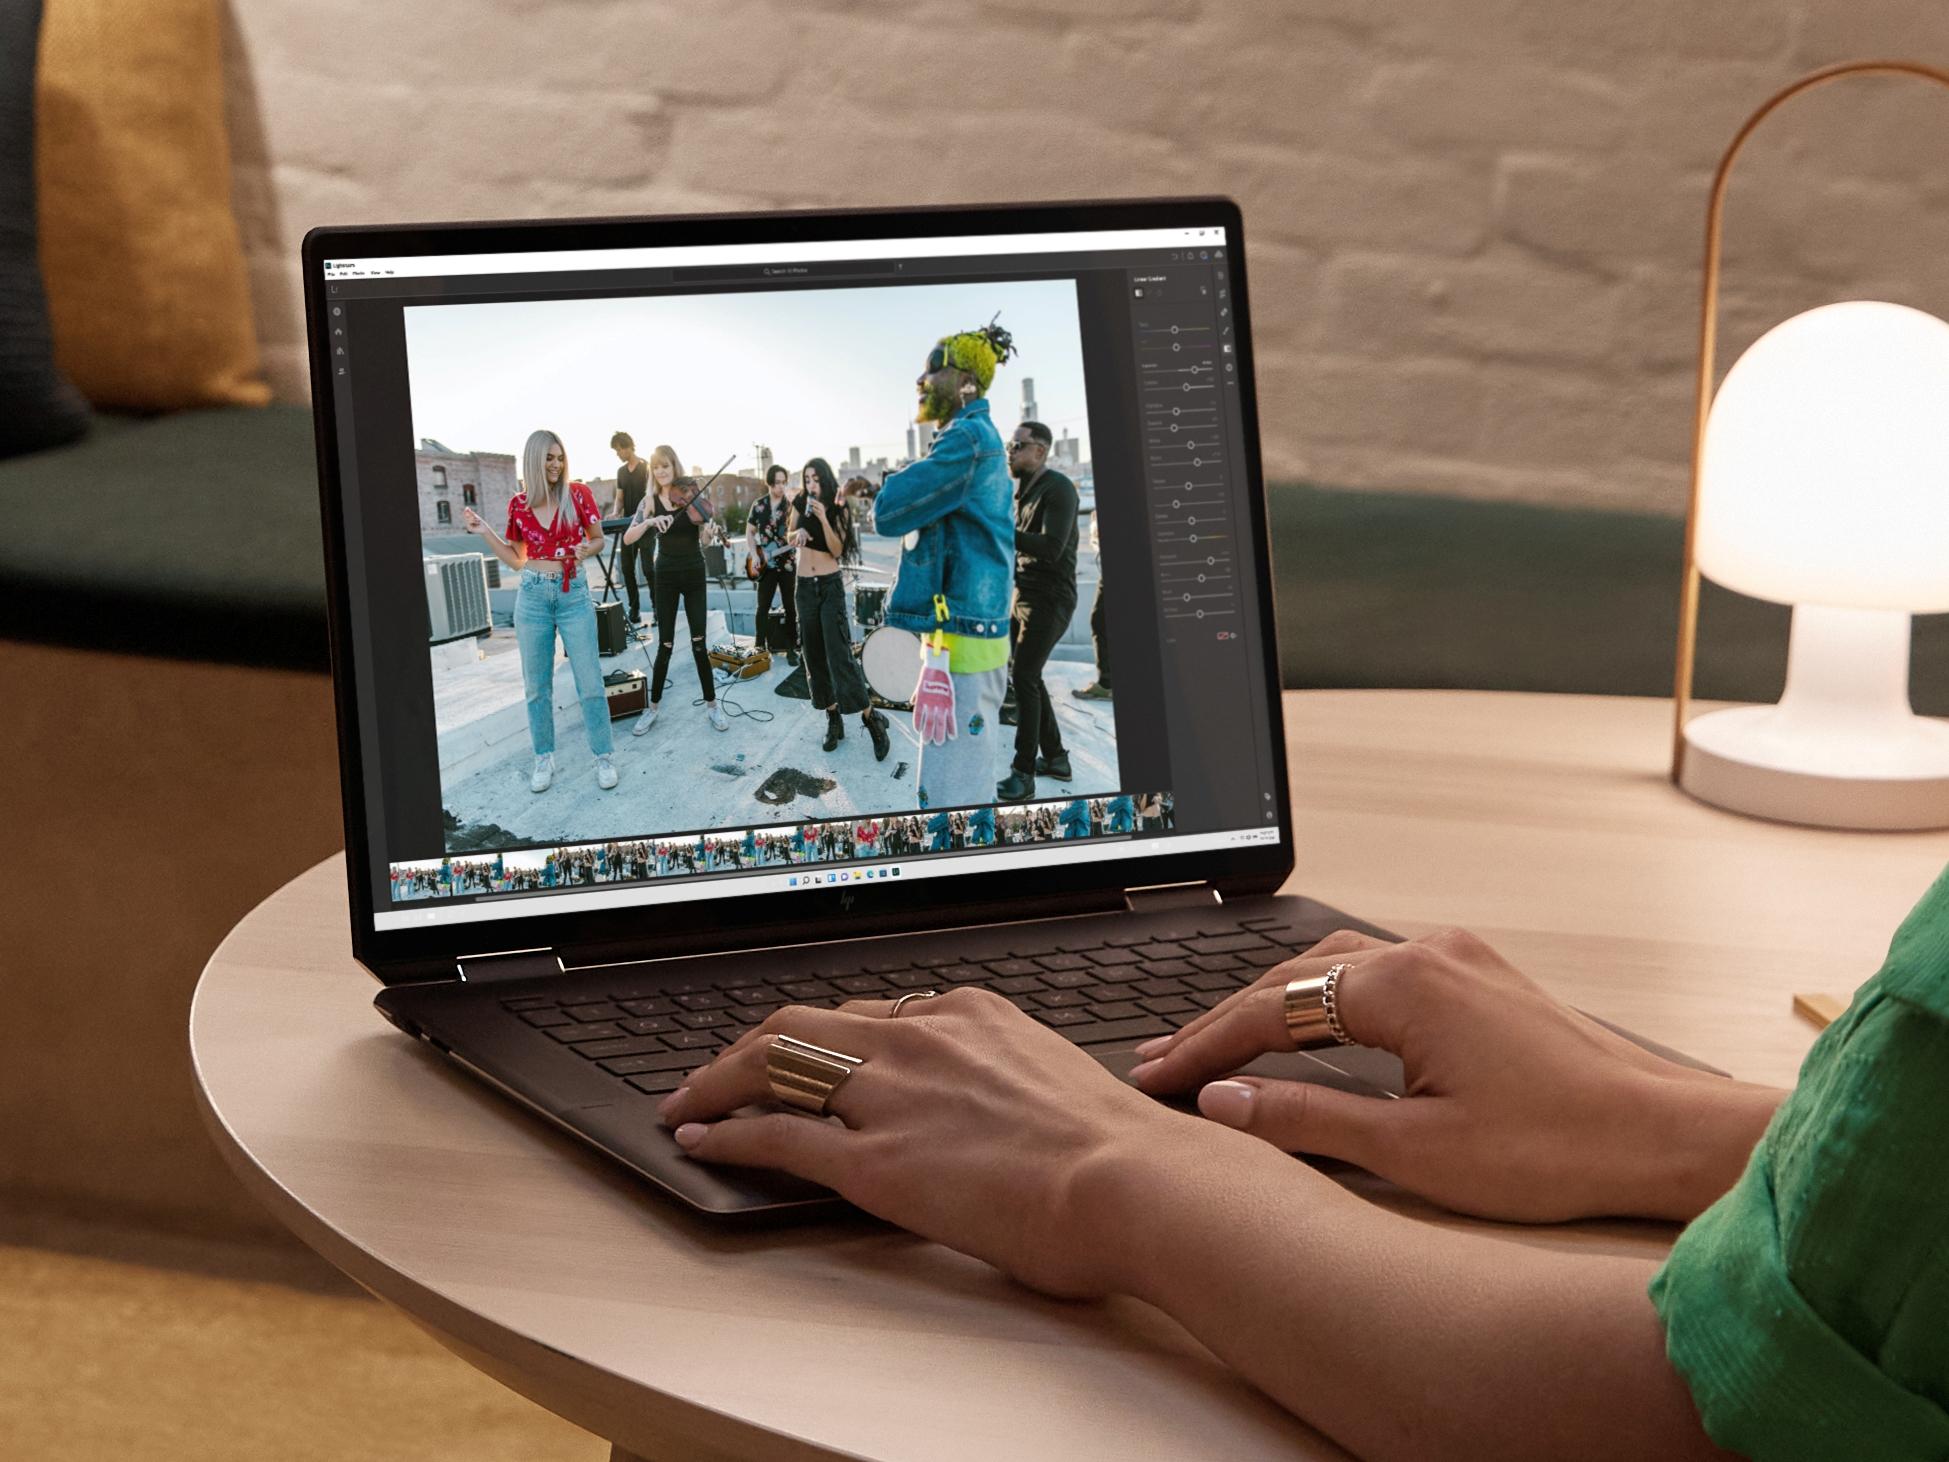 HP annonce son Spectre x360 16, un laptop puissant avec écran 3K et webcam raffinée